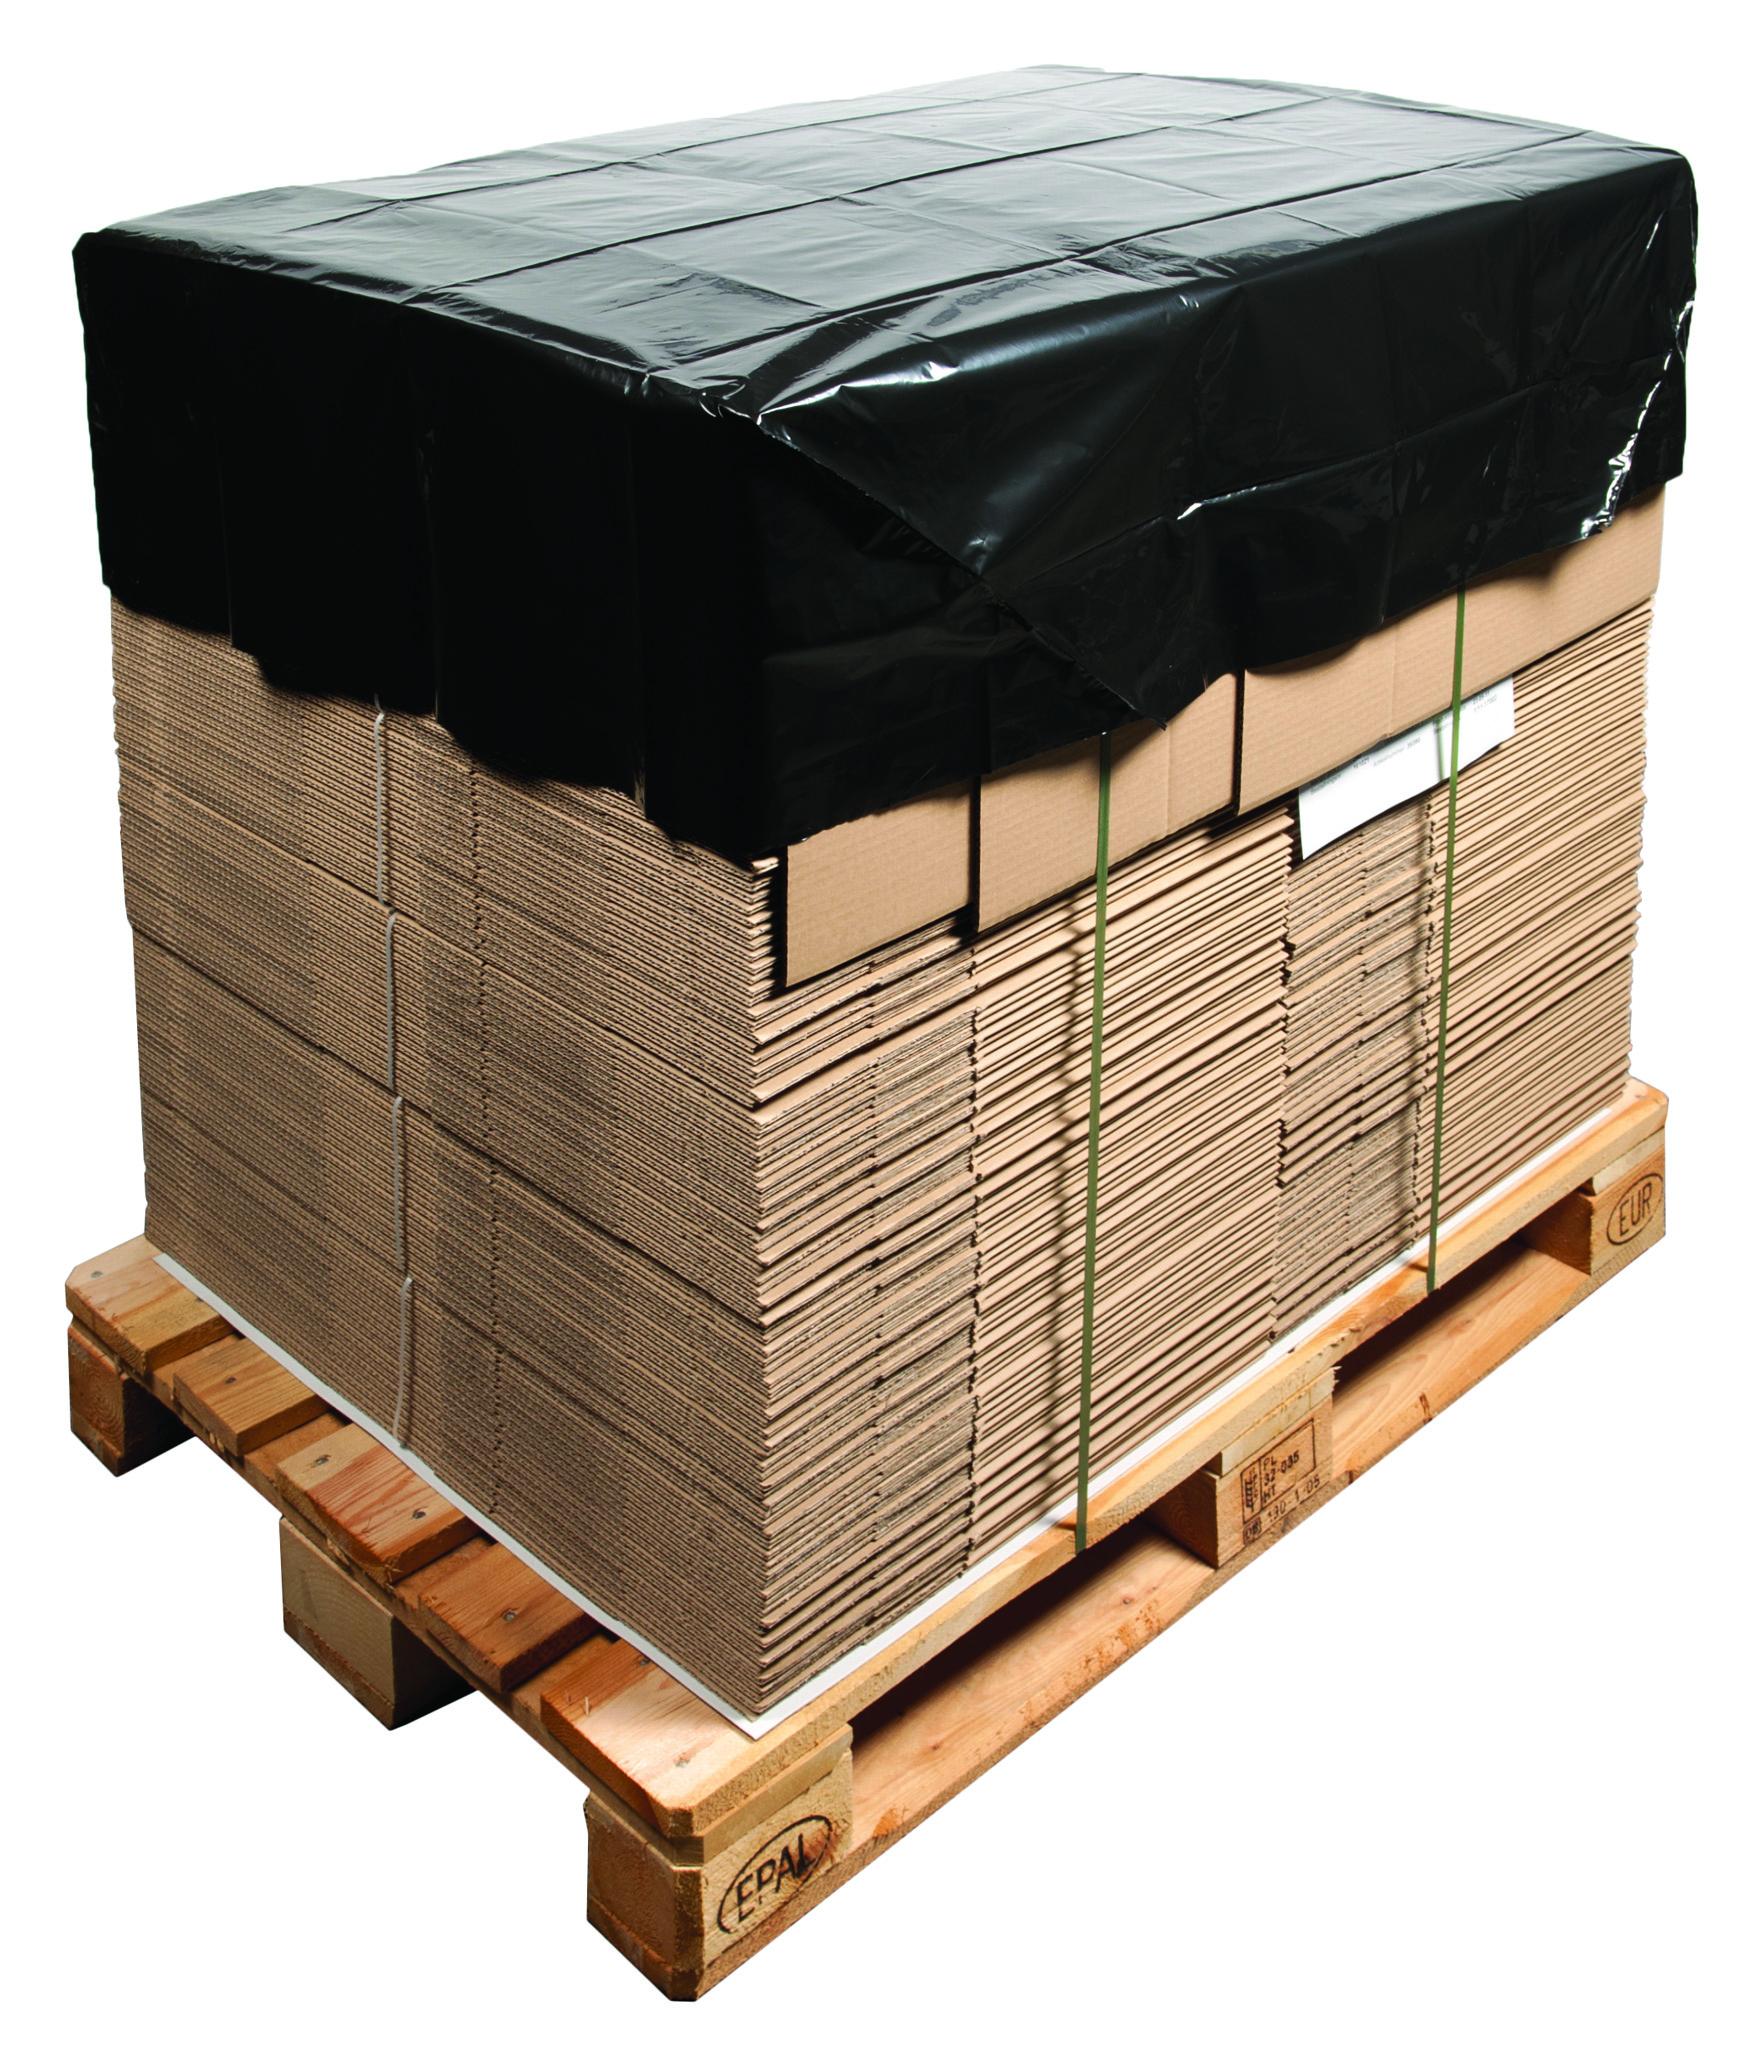 Palletiseren en Palletstabilisatie bij DTSD Packaging met een gestabiliseerde Pallet met kartonnen verpakkingen